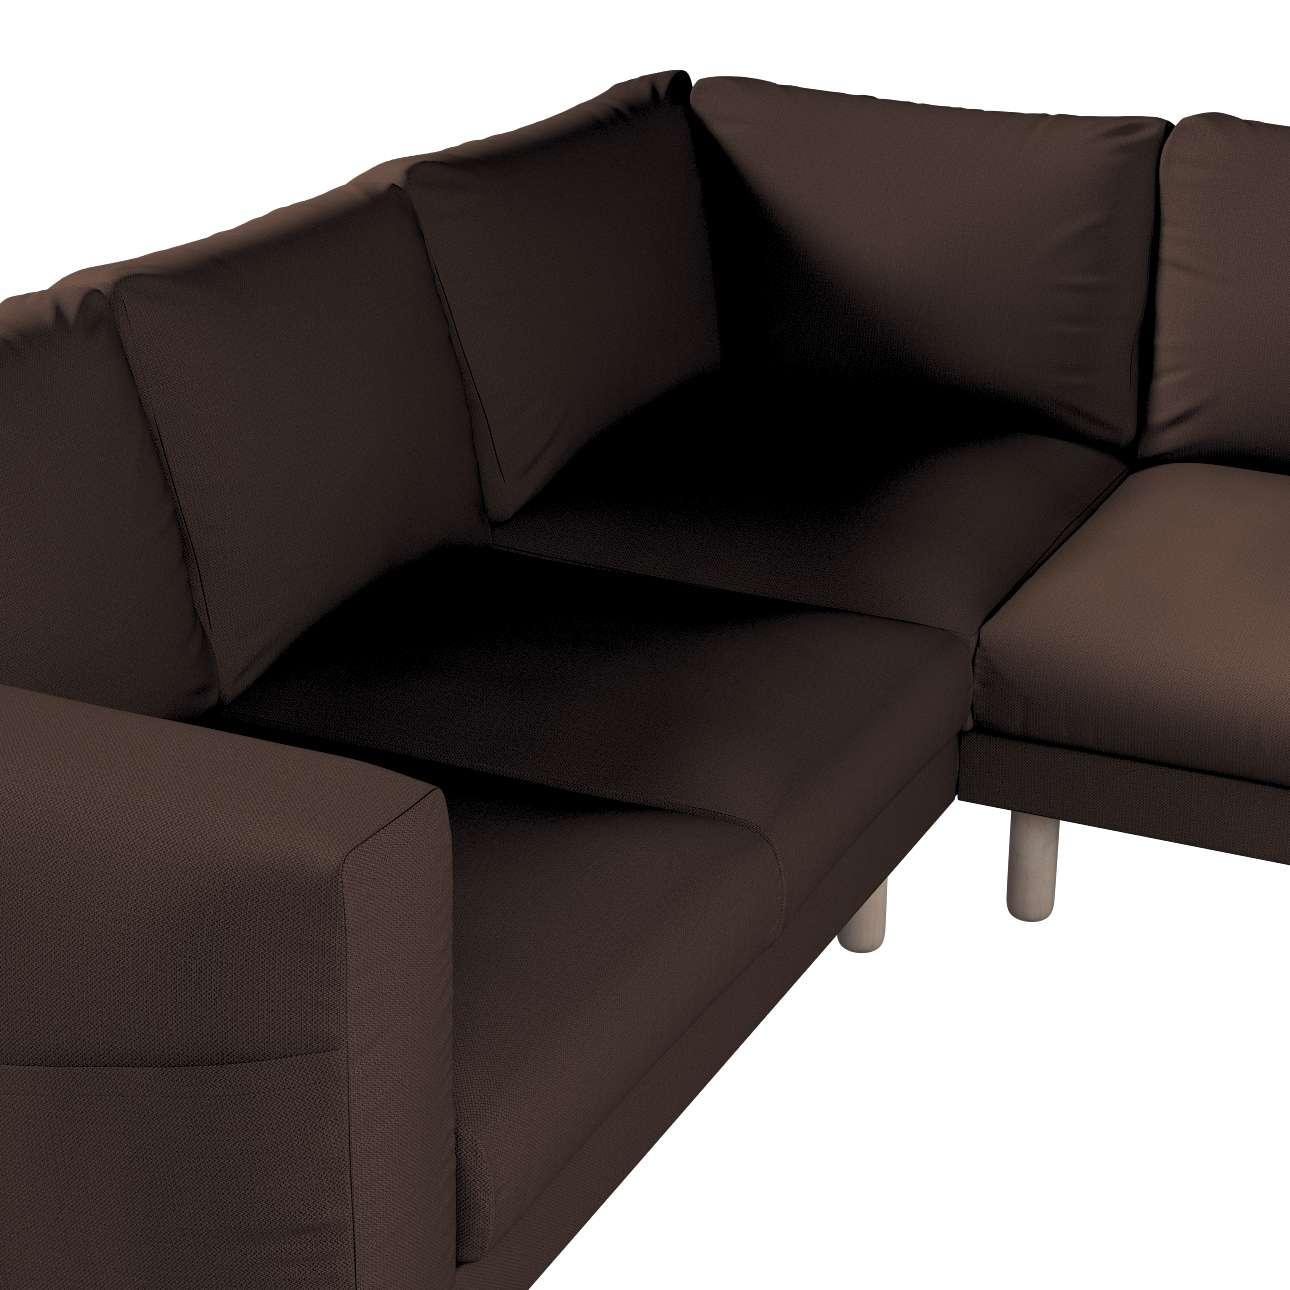 Pokrowiec na sofę narożną Norsborg 4-osobową w kolekcji Bergen, tkanina: 161-73